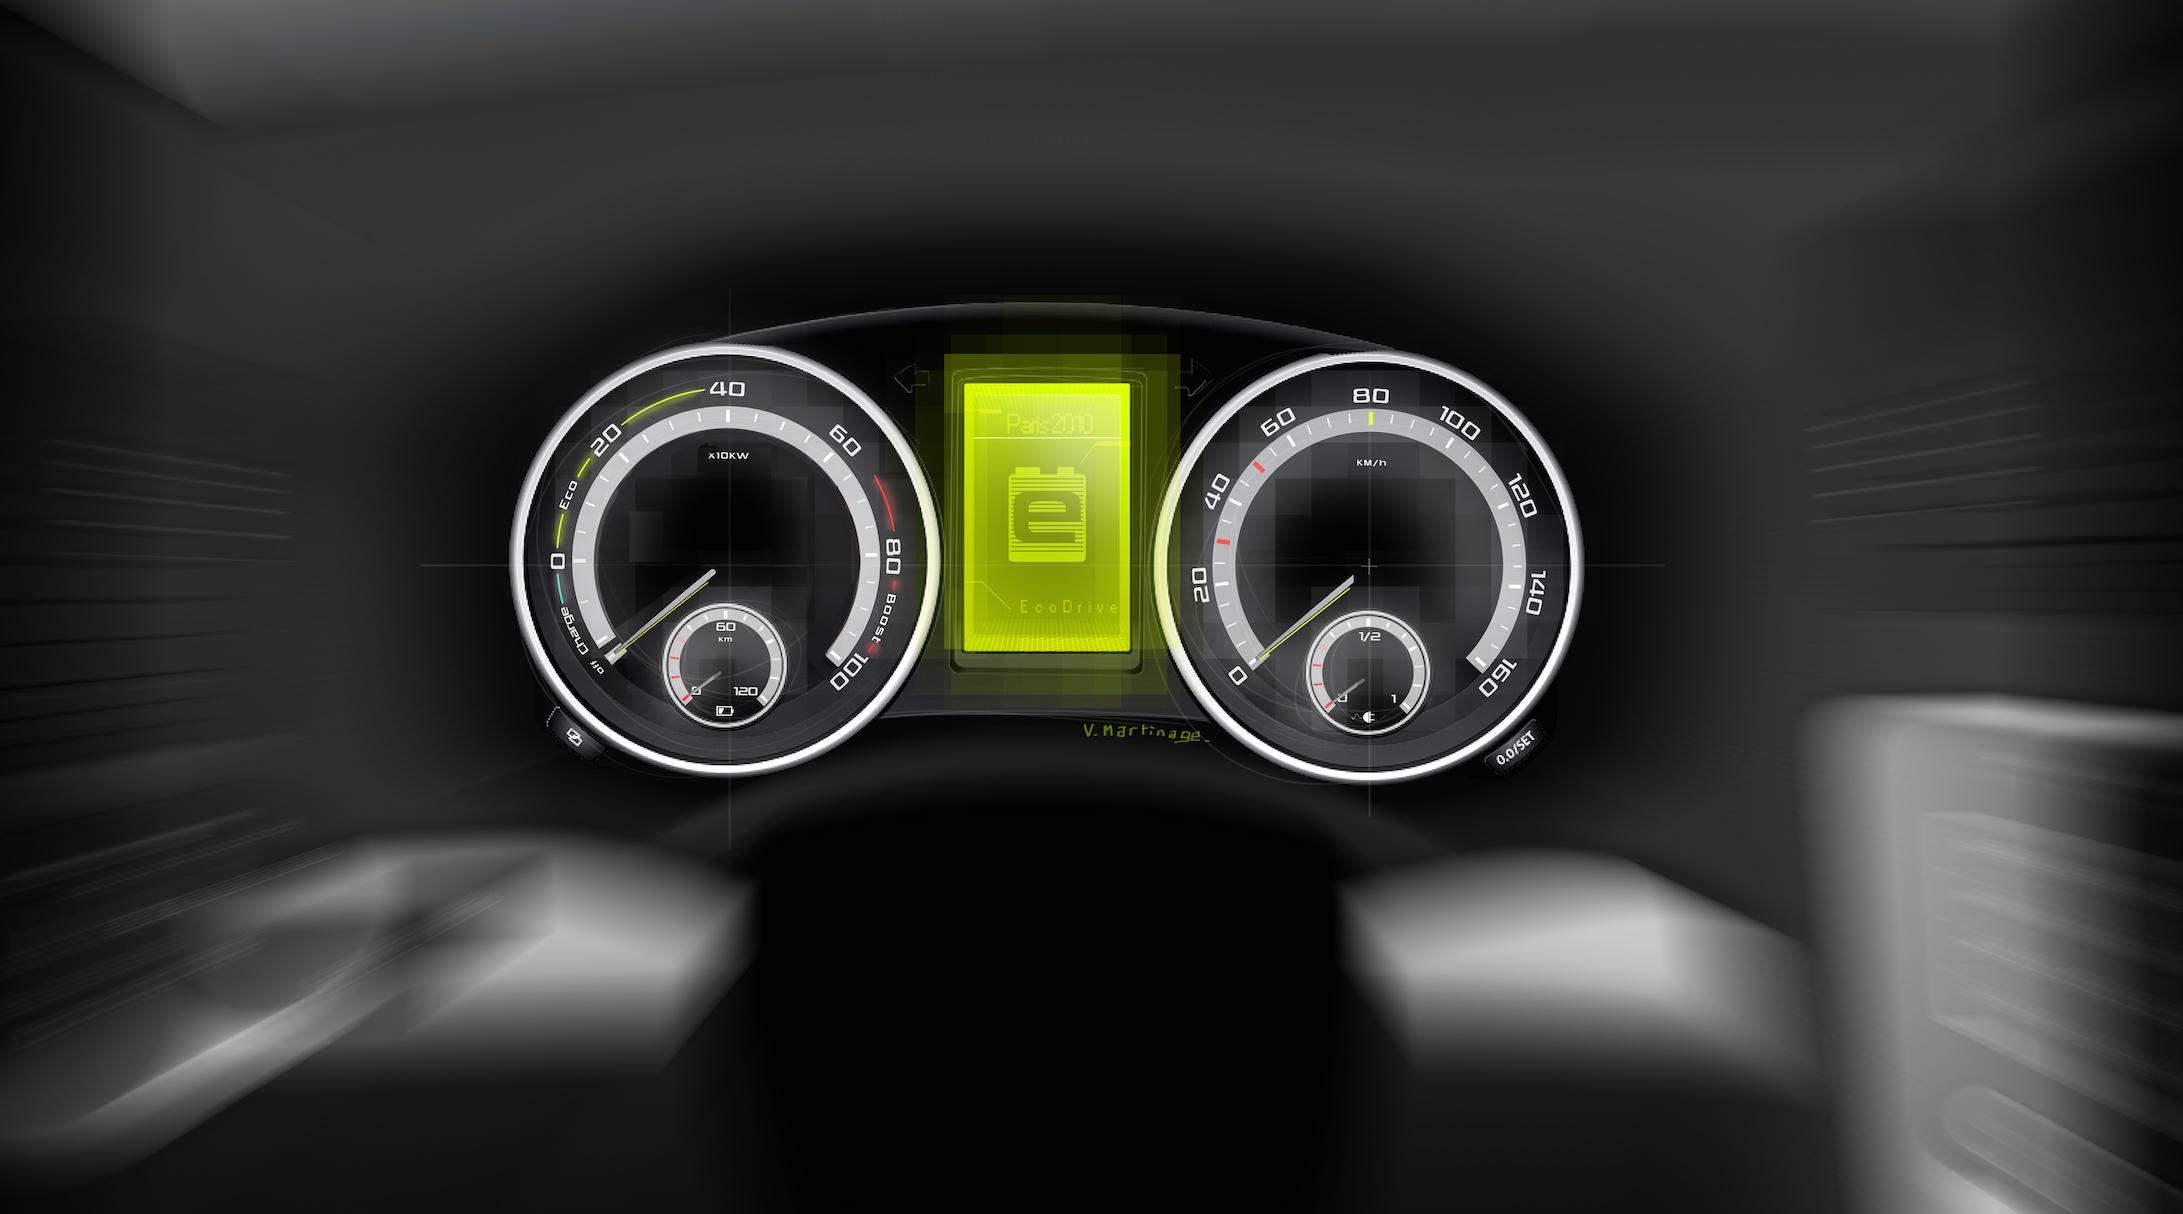 Skoda bietet bis 2018 Plugin-Hybrid und Elektrofahrzeuge an